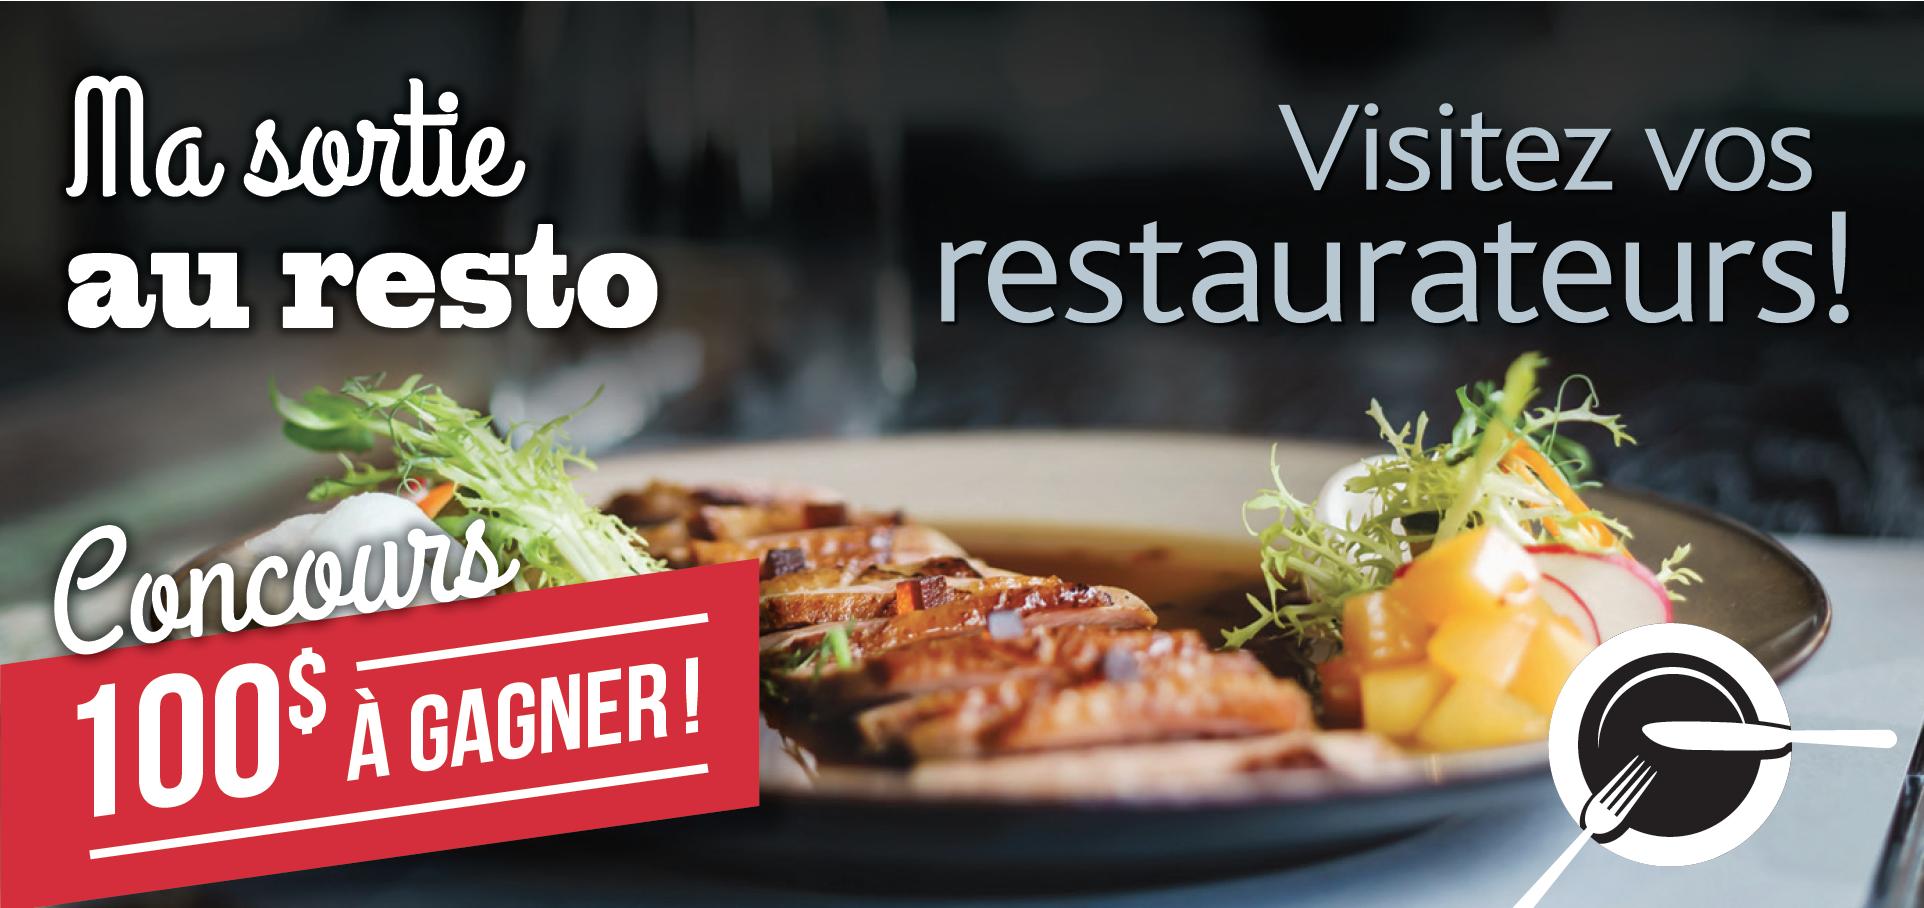 Visitez vos restaurateur et gagnez 100$!